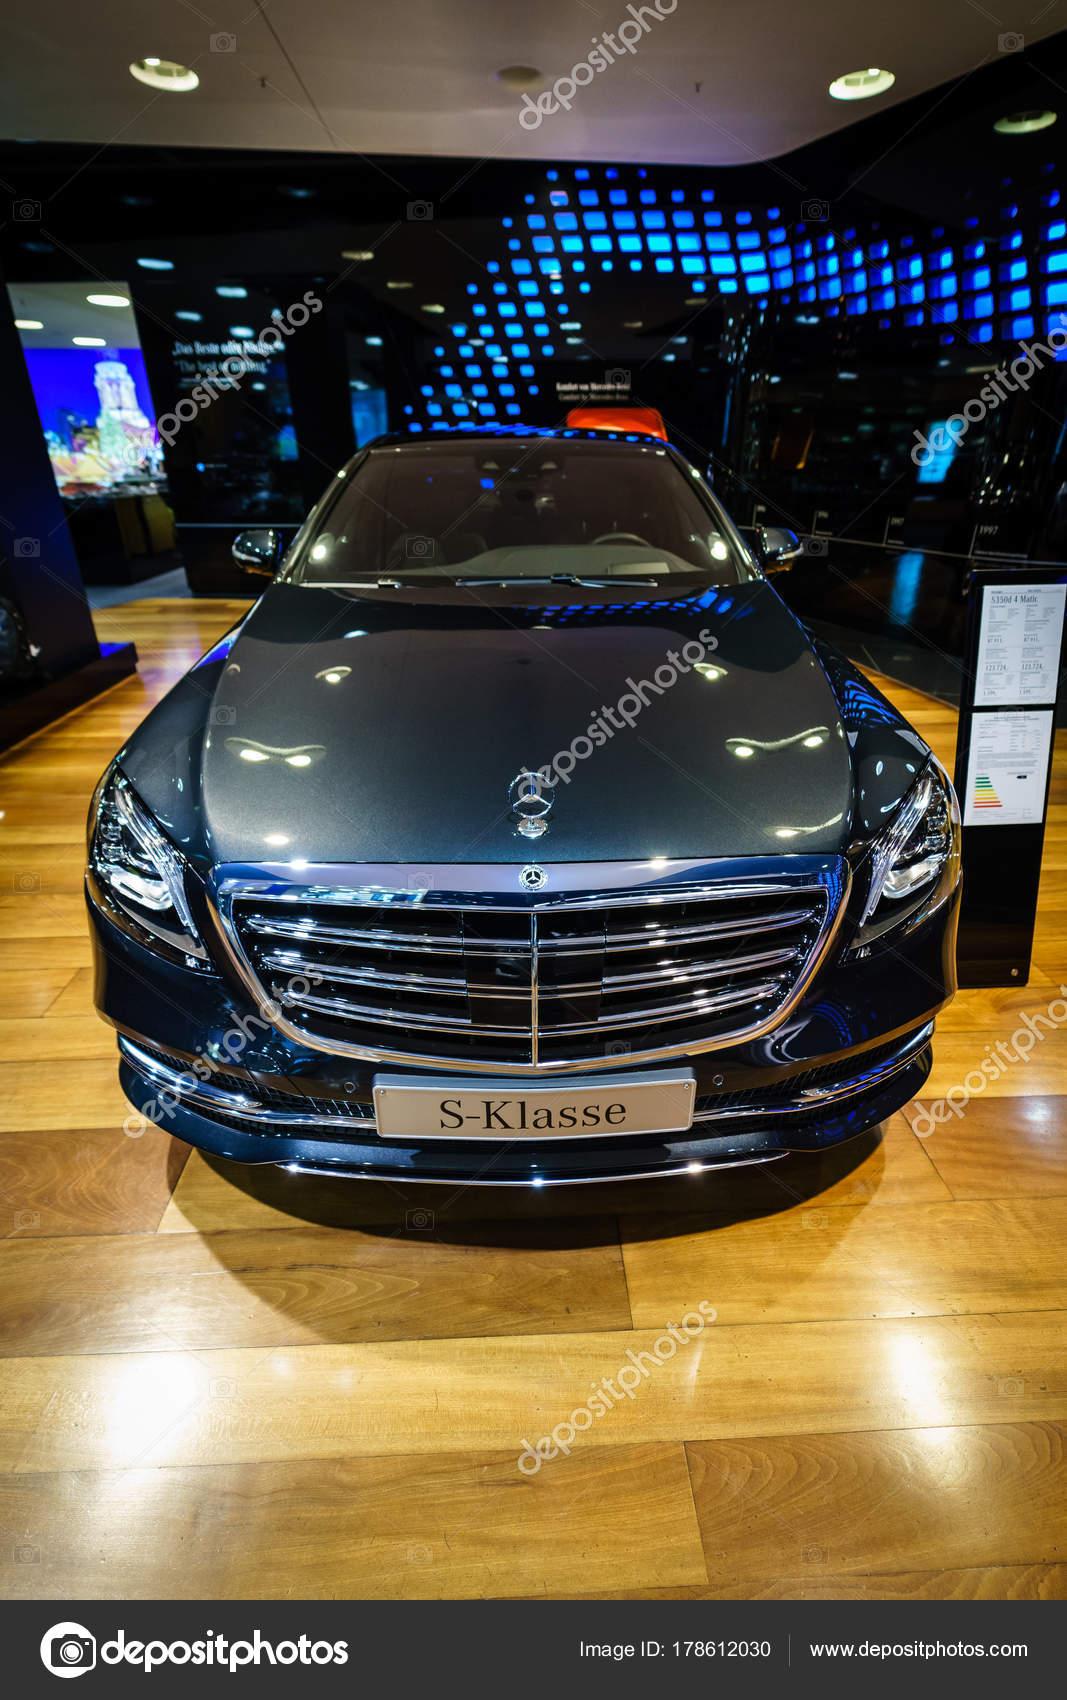 berlin dezember 2017 showroom full size luxus auto mercedes benz